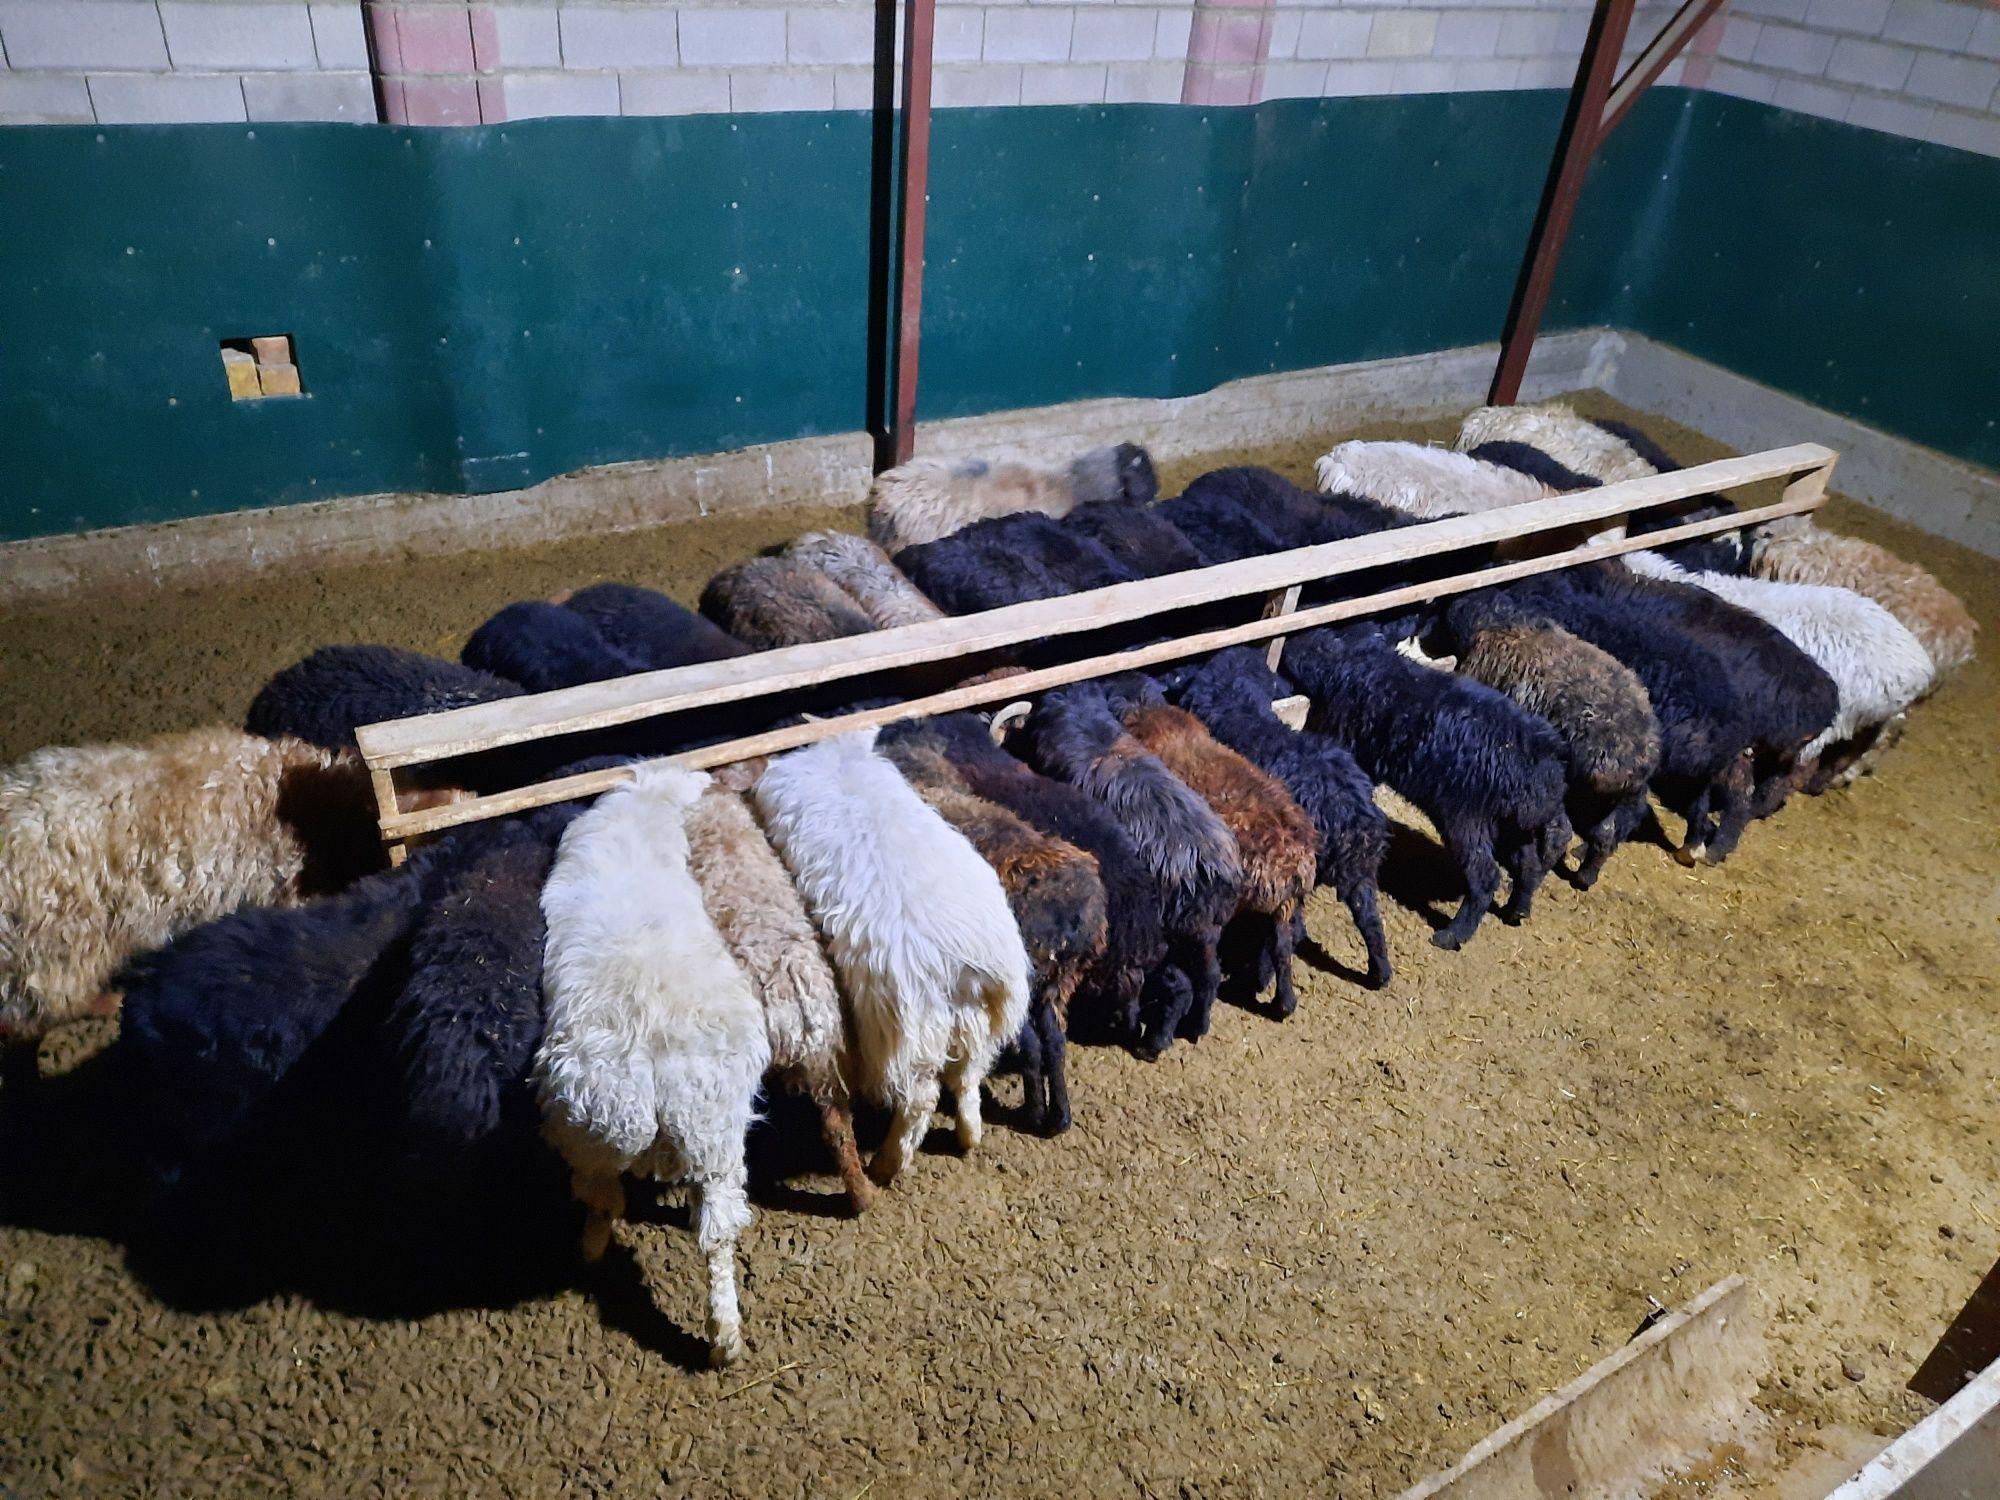 Май семиз кой токты тусак кошкар баран овцы